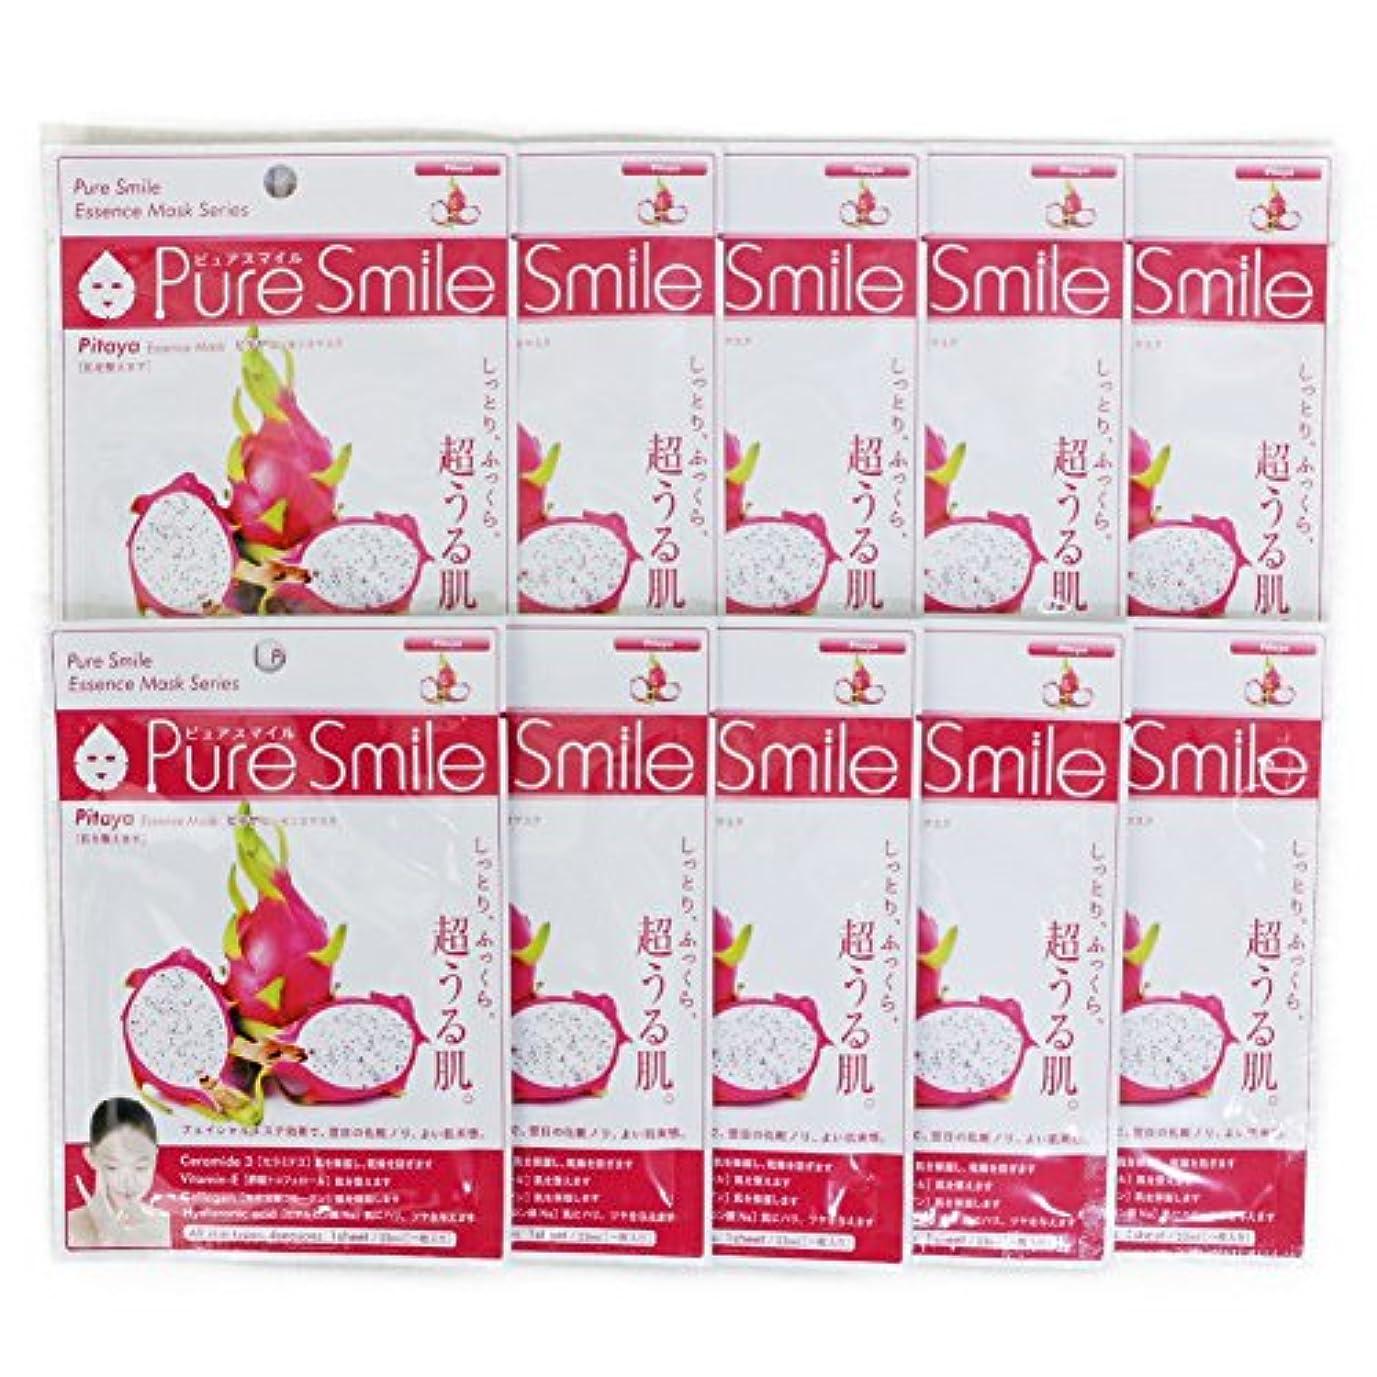 分数受取人解説Pure Smile ピュアスマイル エッセンスマスク ピタヤ 10枚セット